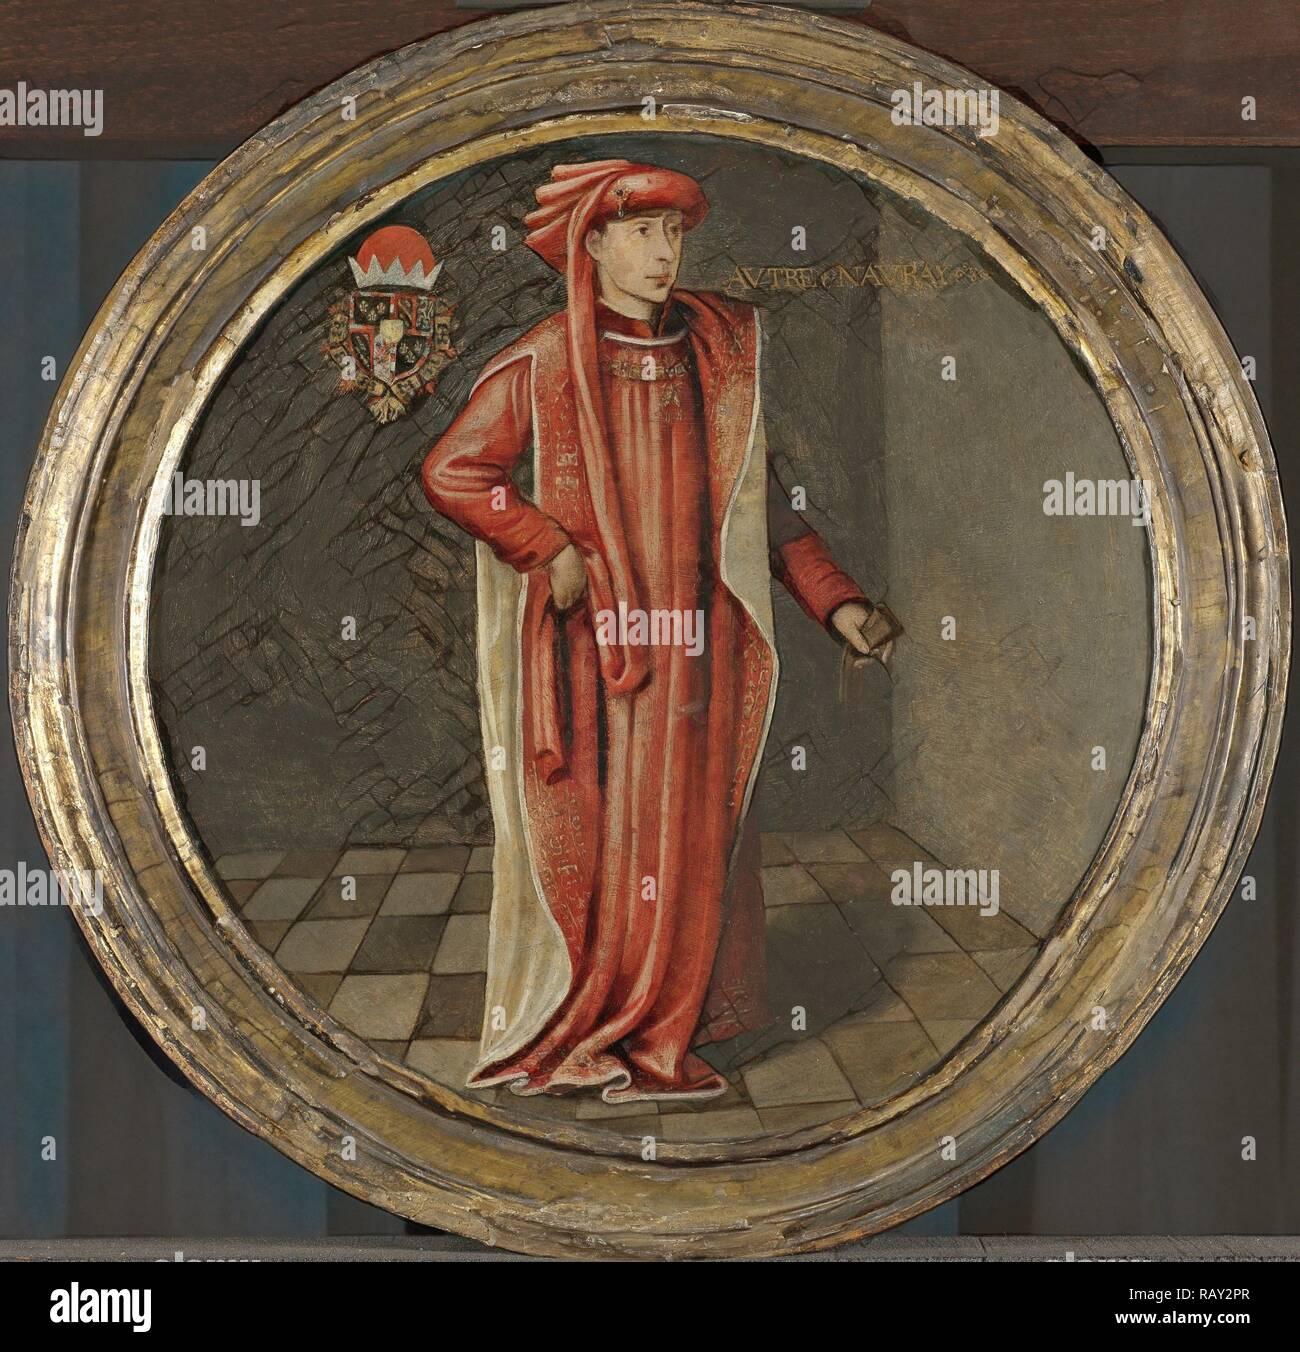 Ritratto di Filippo il Buono, duca di Borgogna, anonimo, c. 1460 - c. 1480. Reinventato da Gibon. Arte Classica con un reinventato Foto Stock